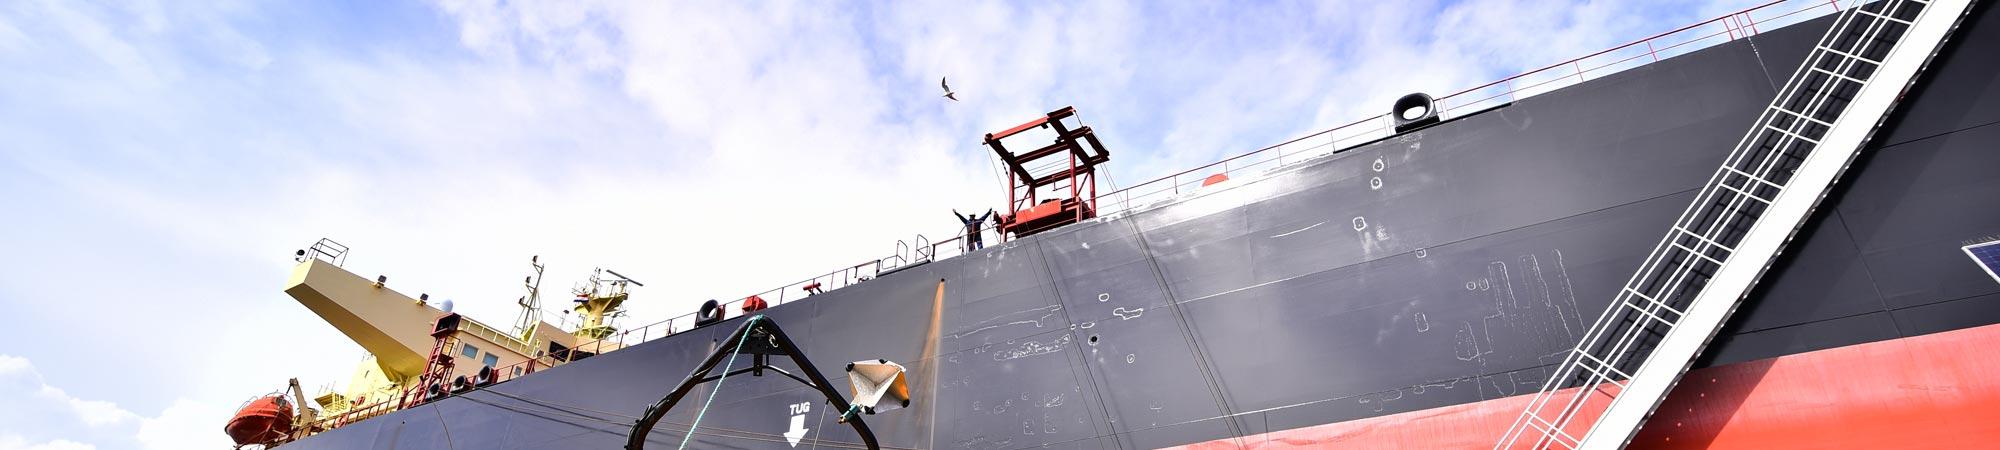 Kriesels Shipbroker B.V. kan voorzien in vrijwel elk denkbaar scheepstype